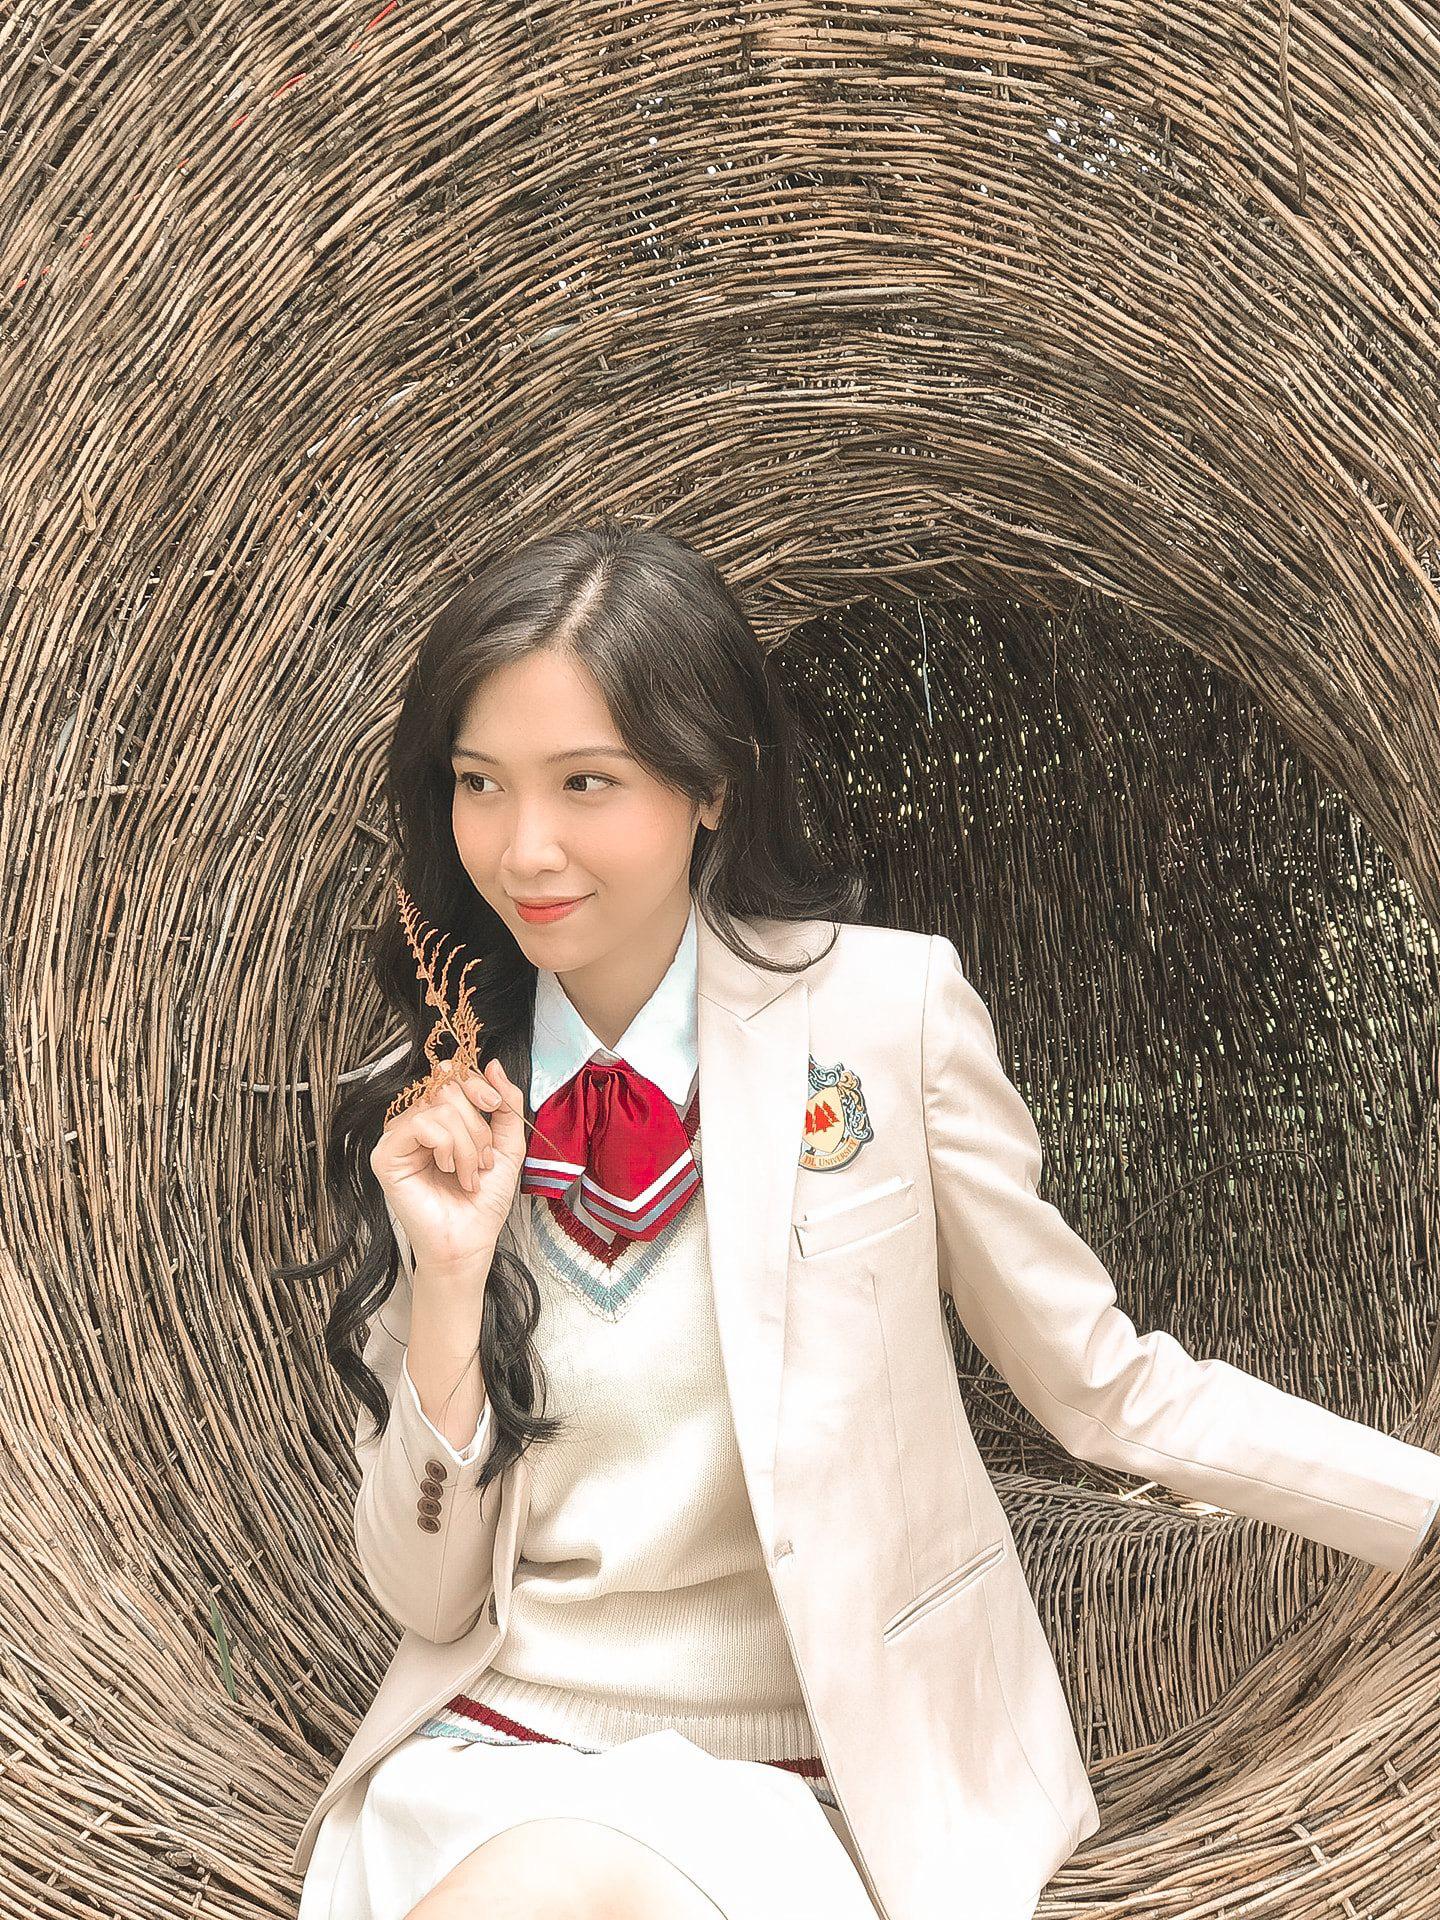 Đỗ Nhật Hà vào vai nữ phụ đam mỹ trong dự án phim boys love Sau Vạt Nắng - Ảnh 1.